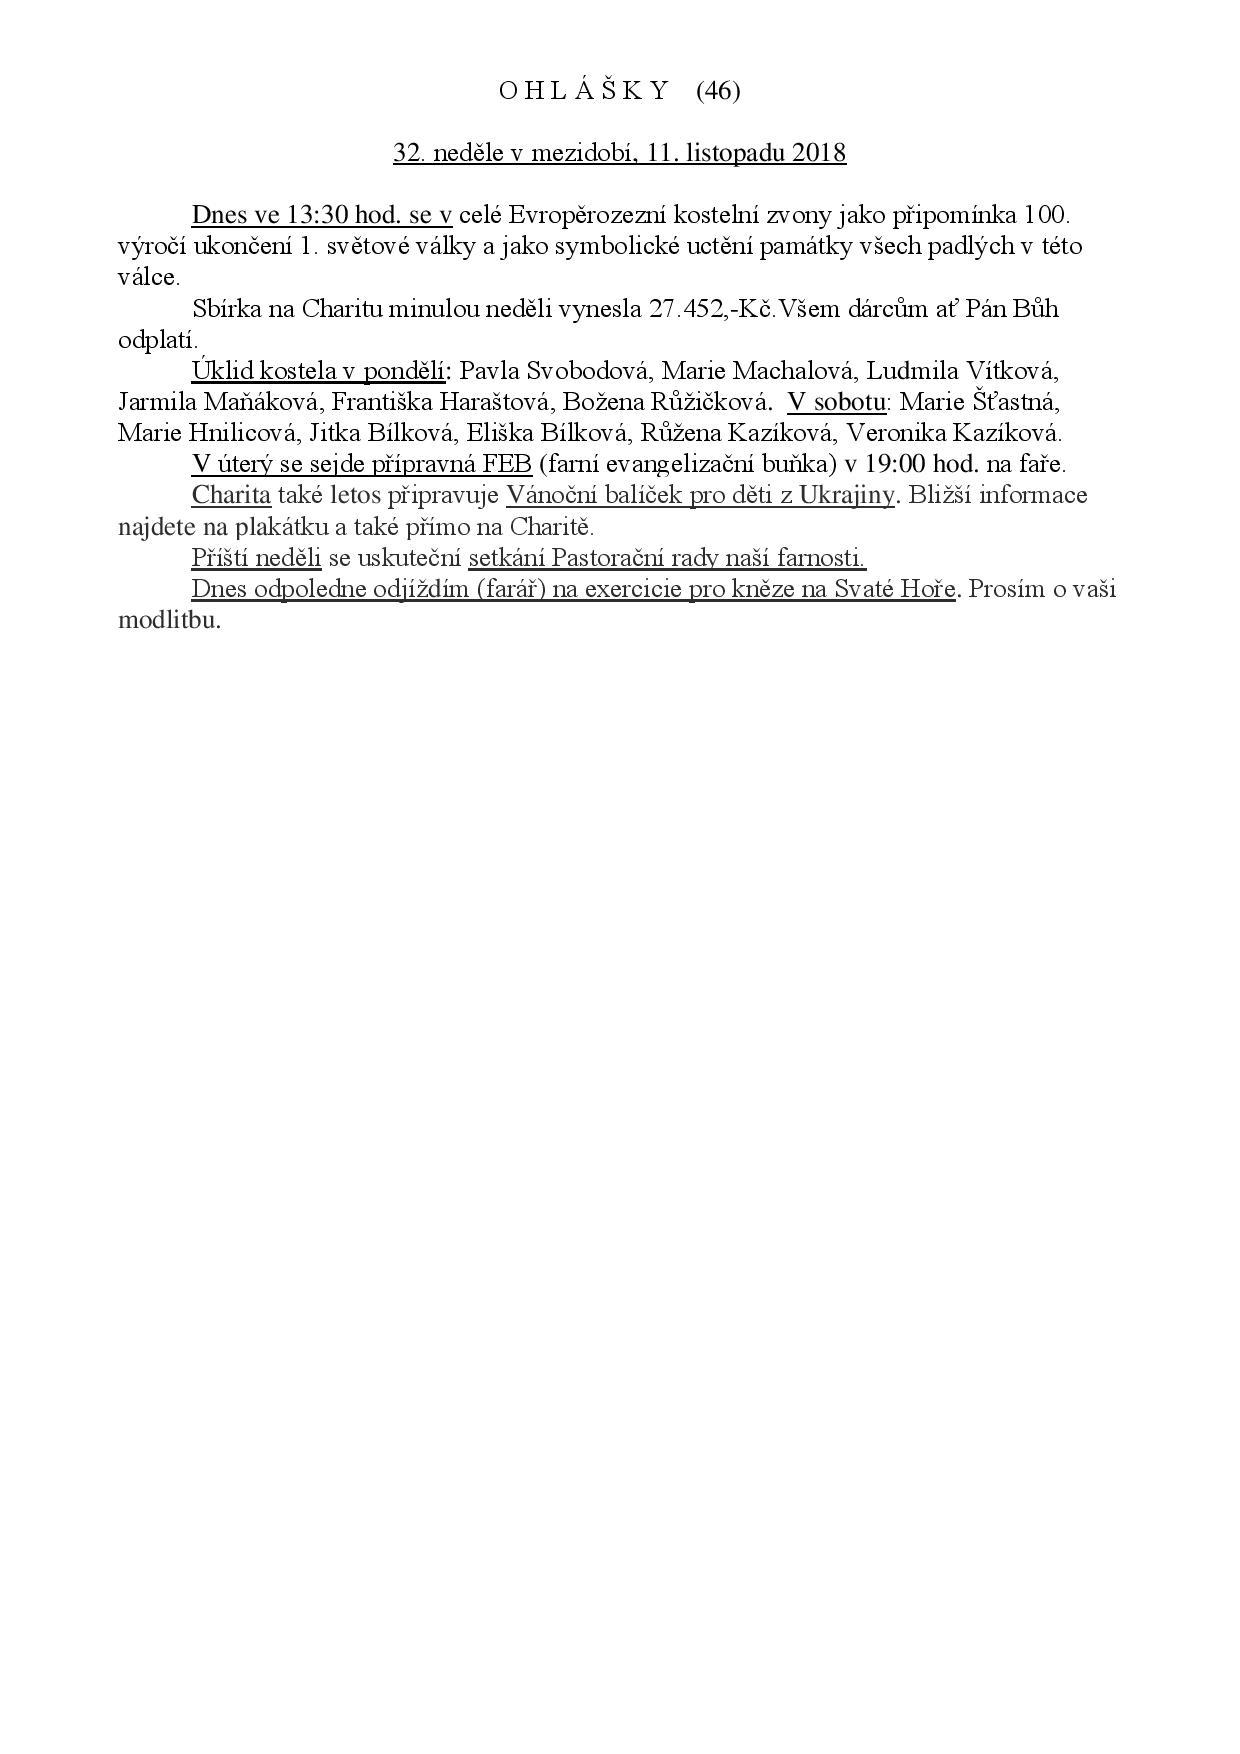 OHLÁŠKY 46 - 11. 11. 2018-page-001